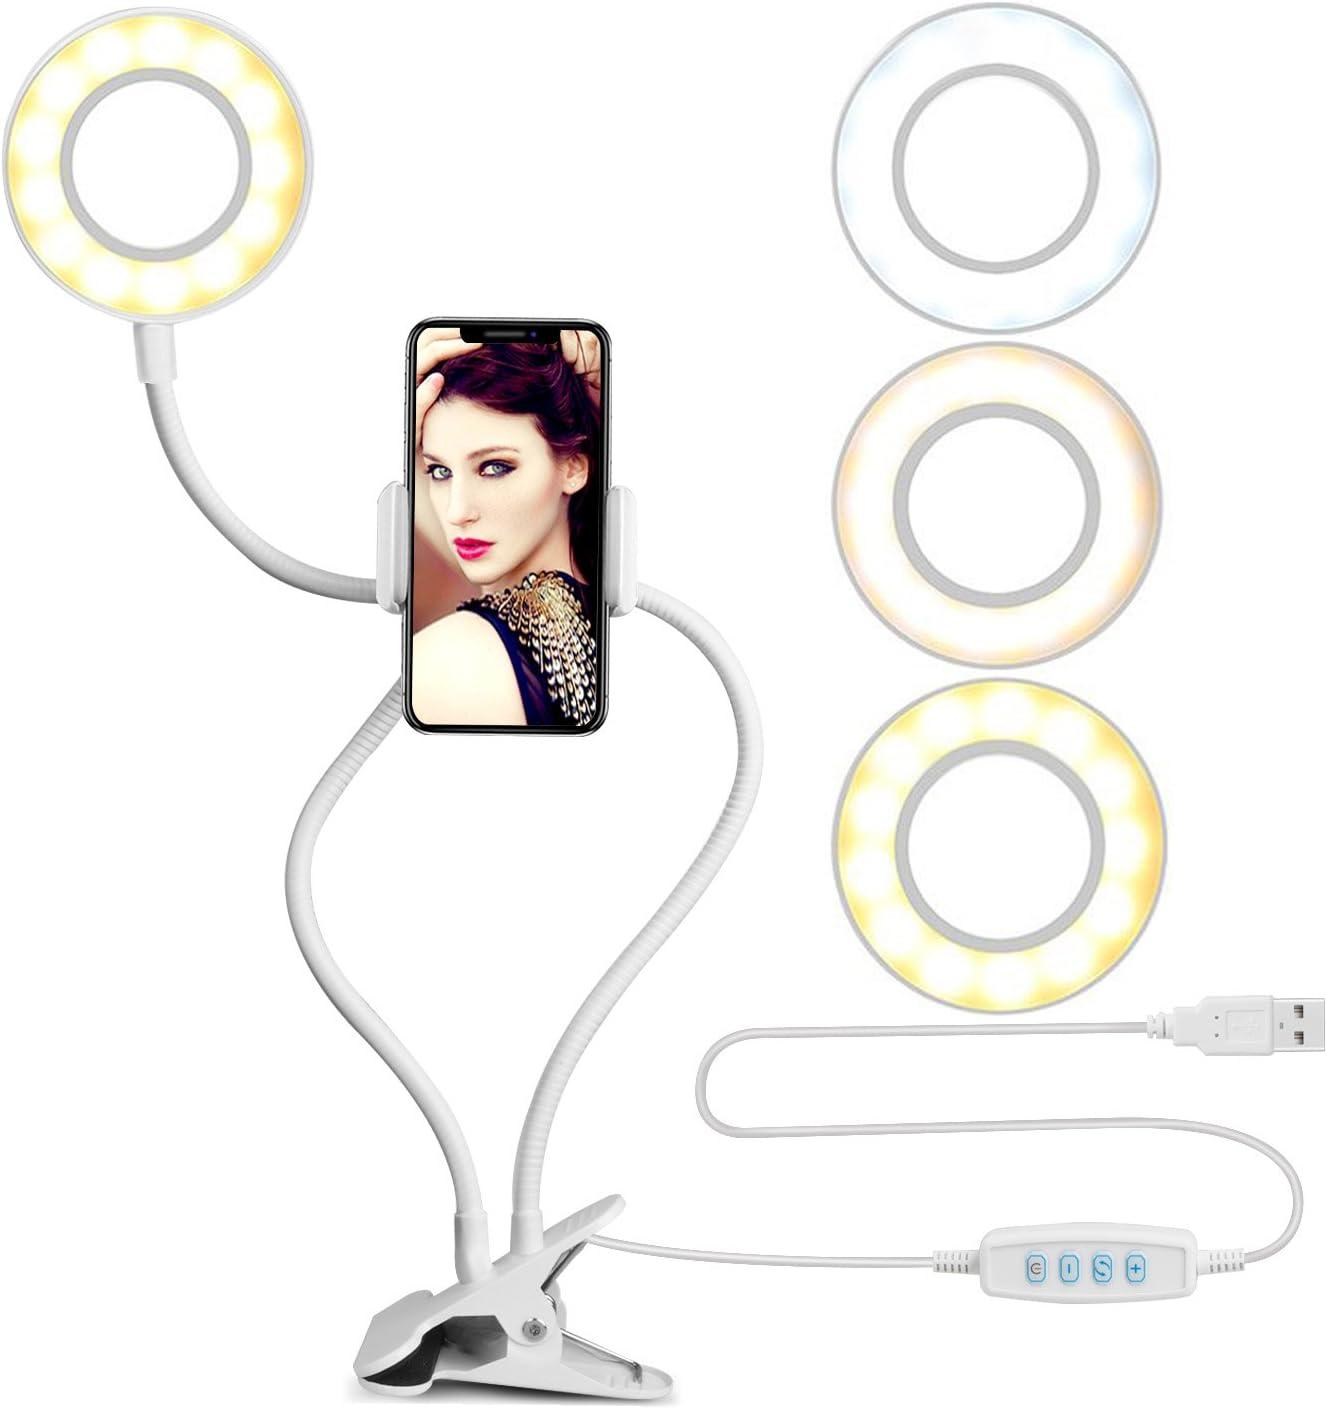 Anillo De Luz Led Para Celulares - Con Soporte, blanco